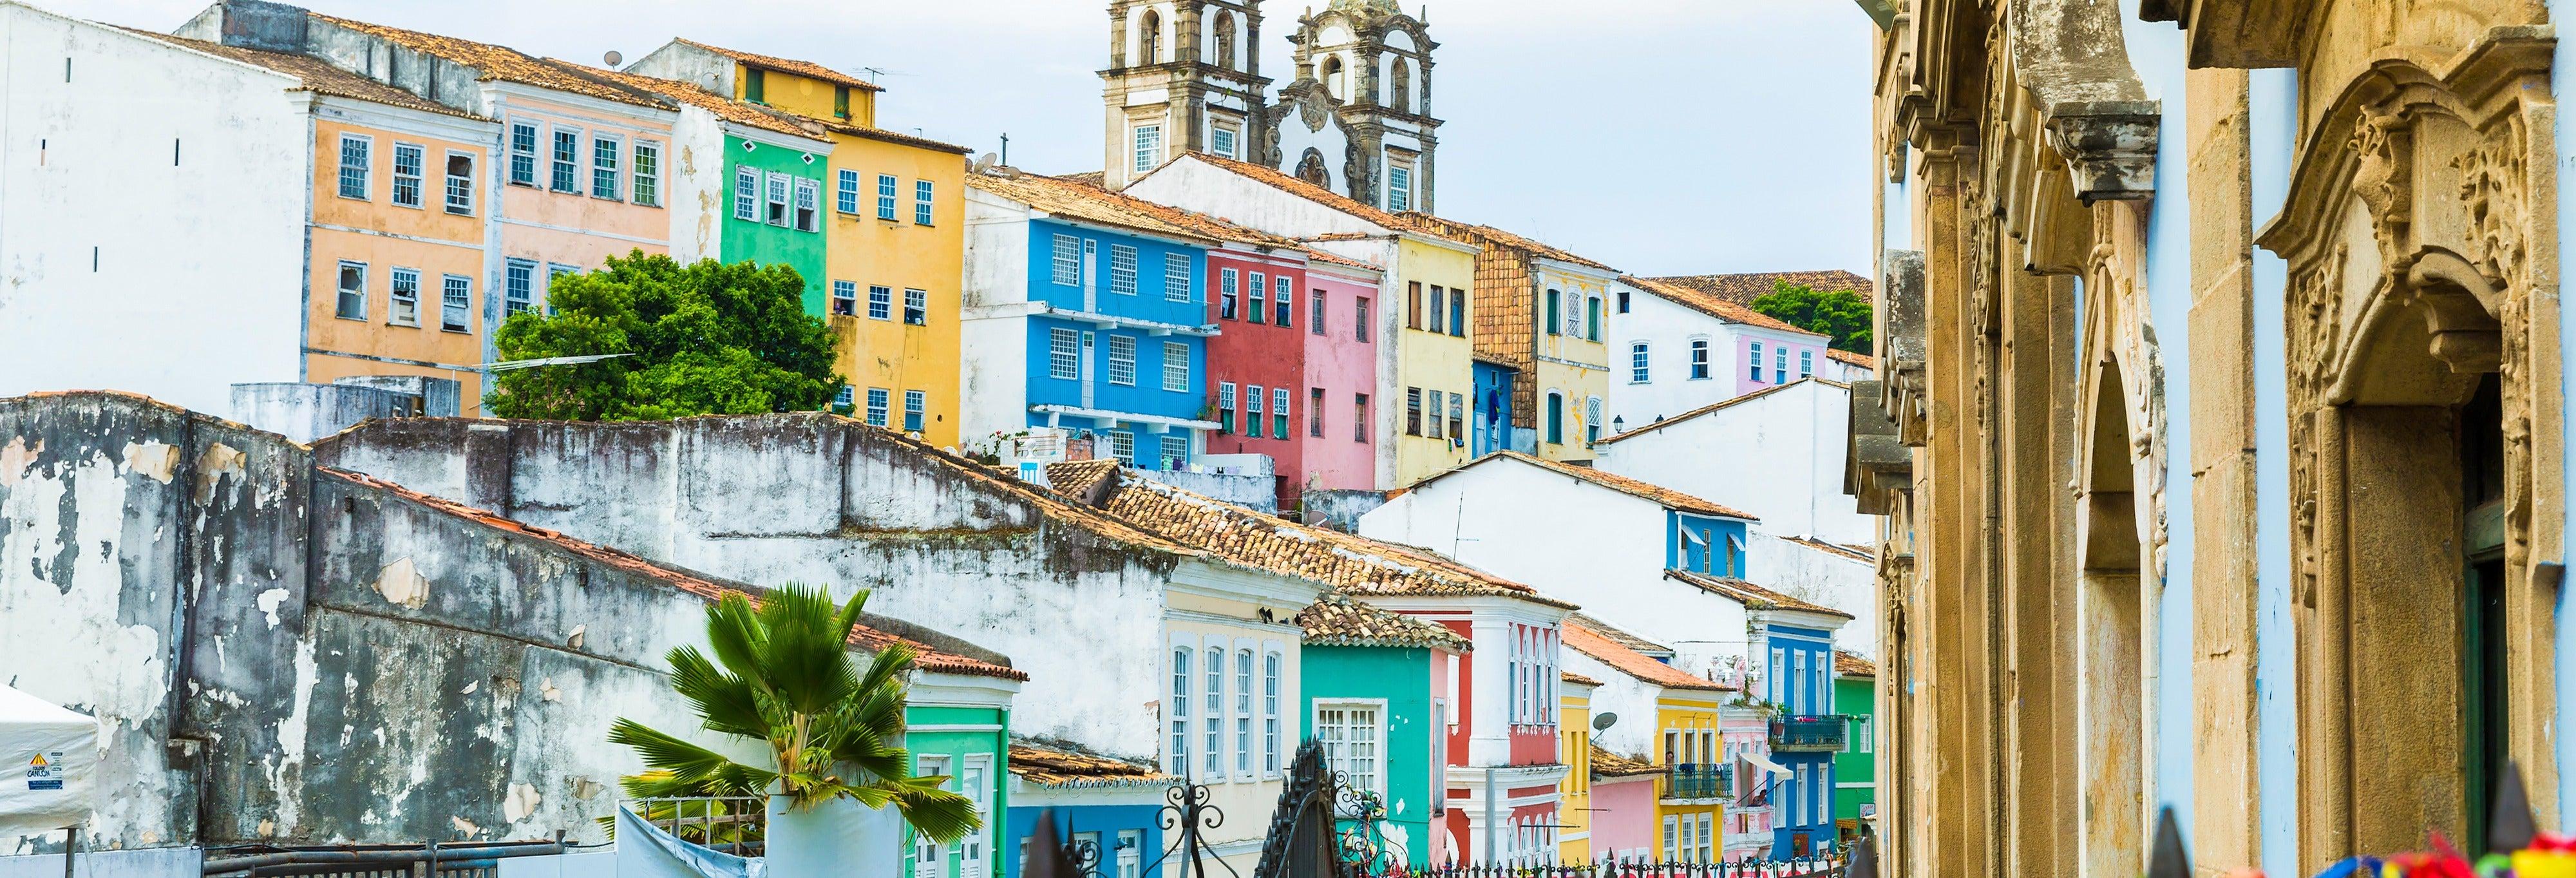 Guided Tour of Salvador